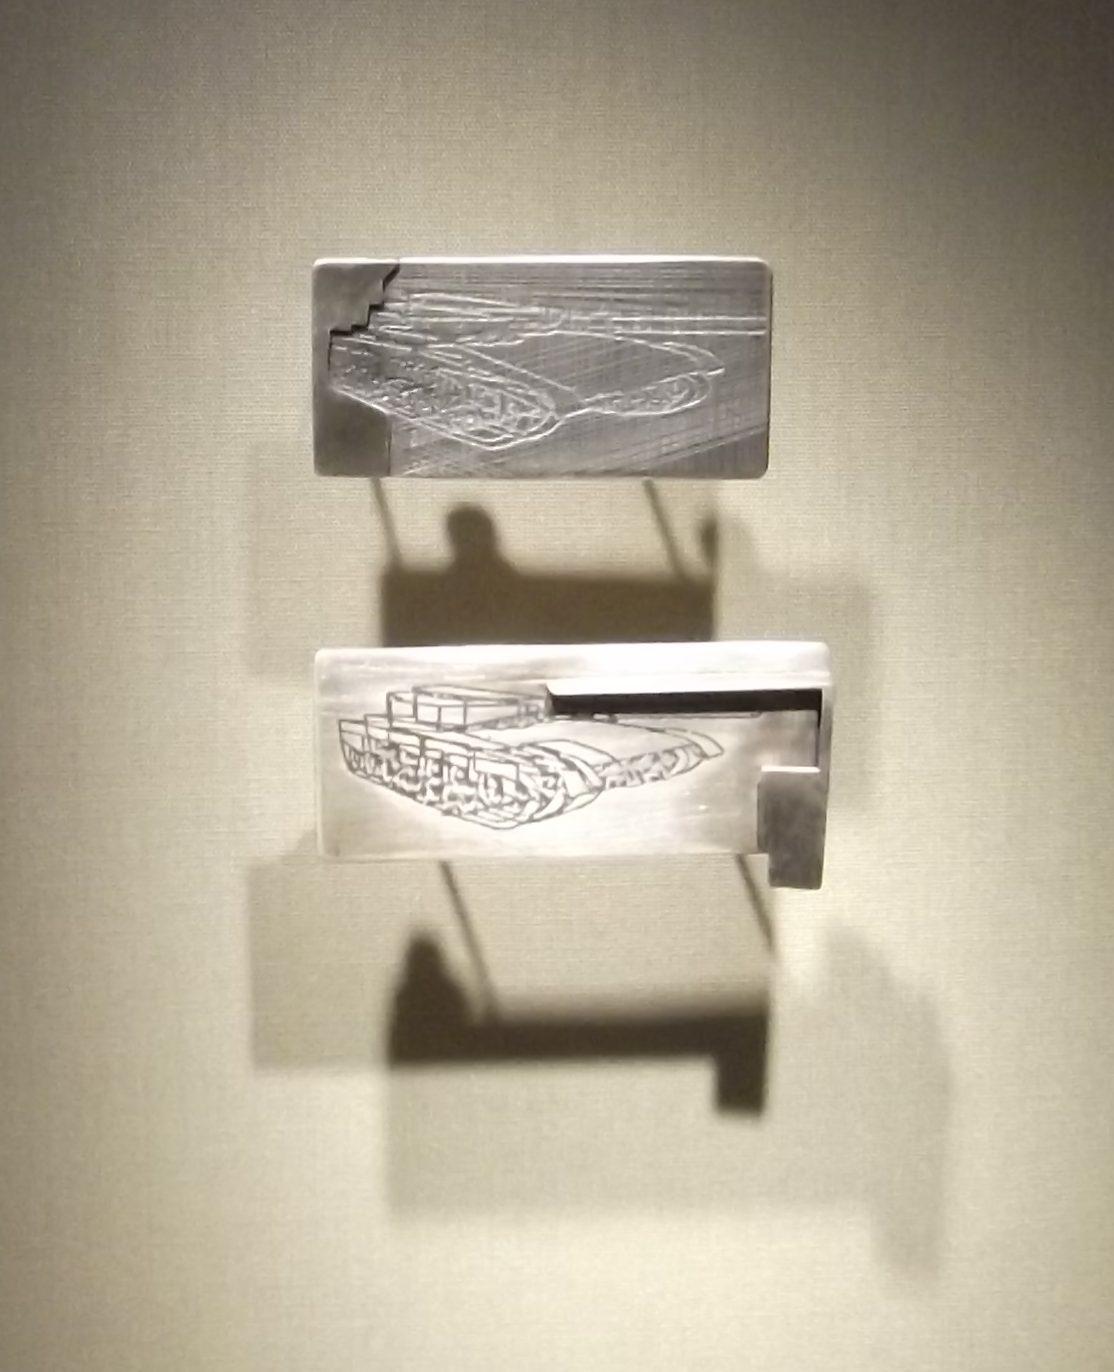 Michal Oren, Mercava, broches, 2002. Transit, Schmuckmuseum Pforzheim, 2012. Foto Jürgen Eickhoff, zilver